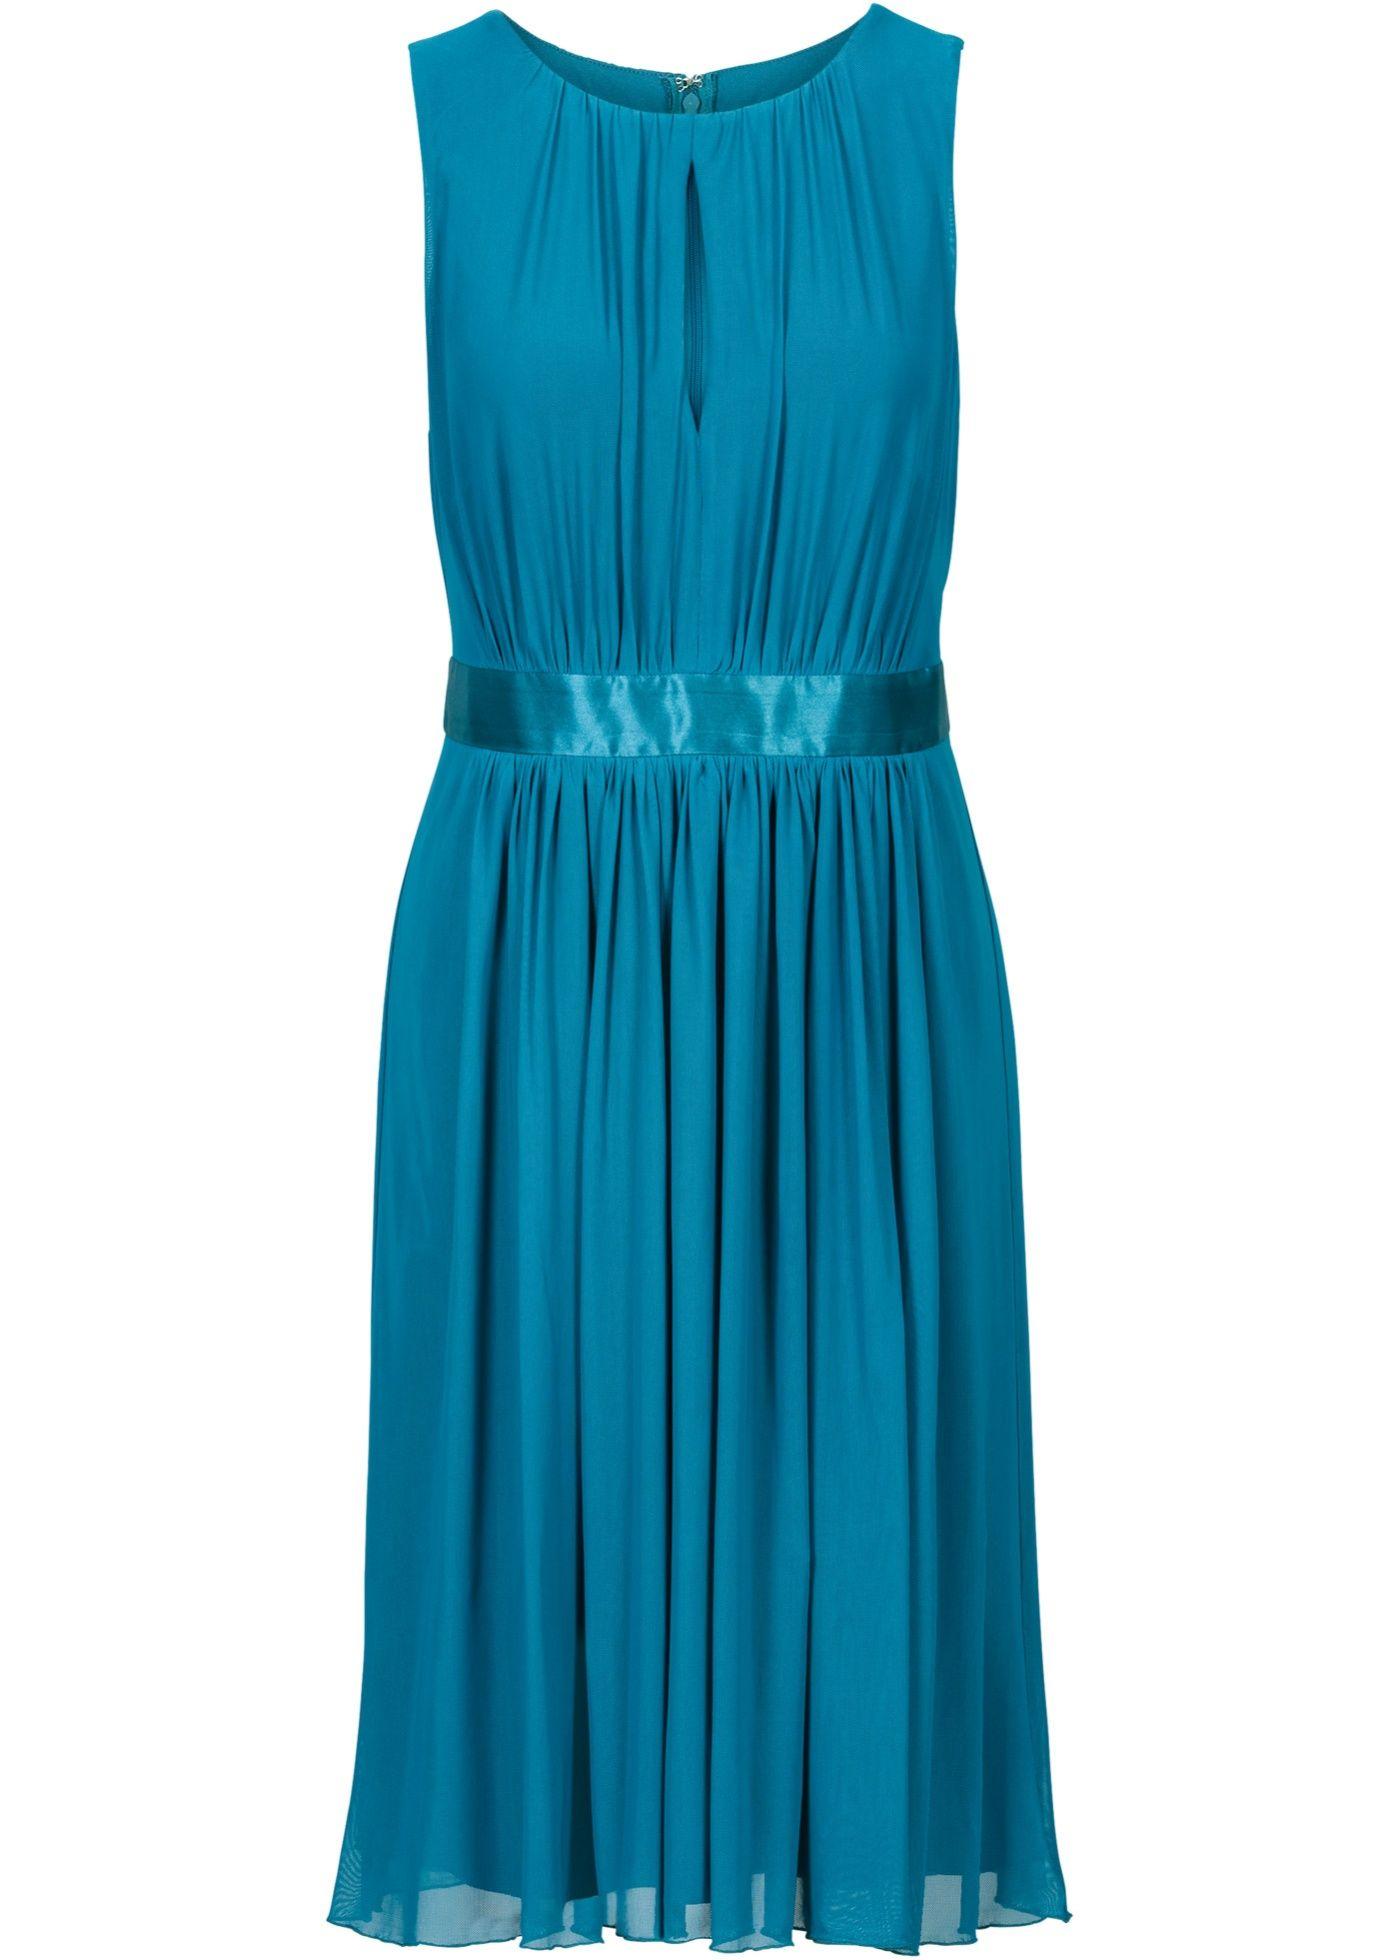 Kleid blaugrün - BODYFLIRT jetzt im Online Shop von ...